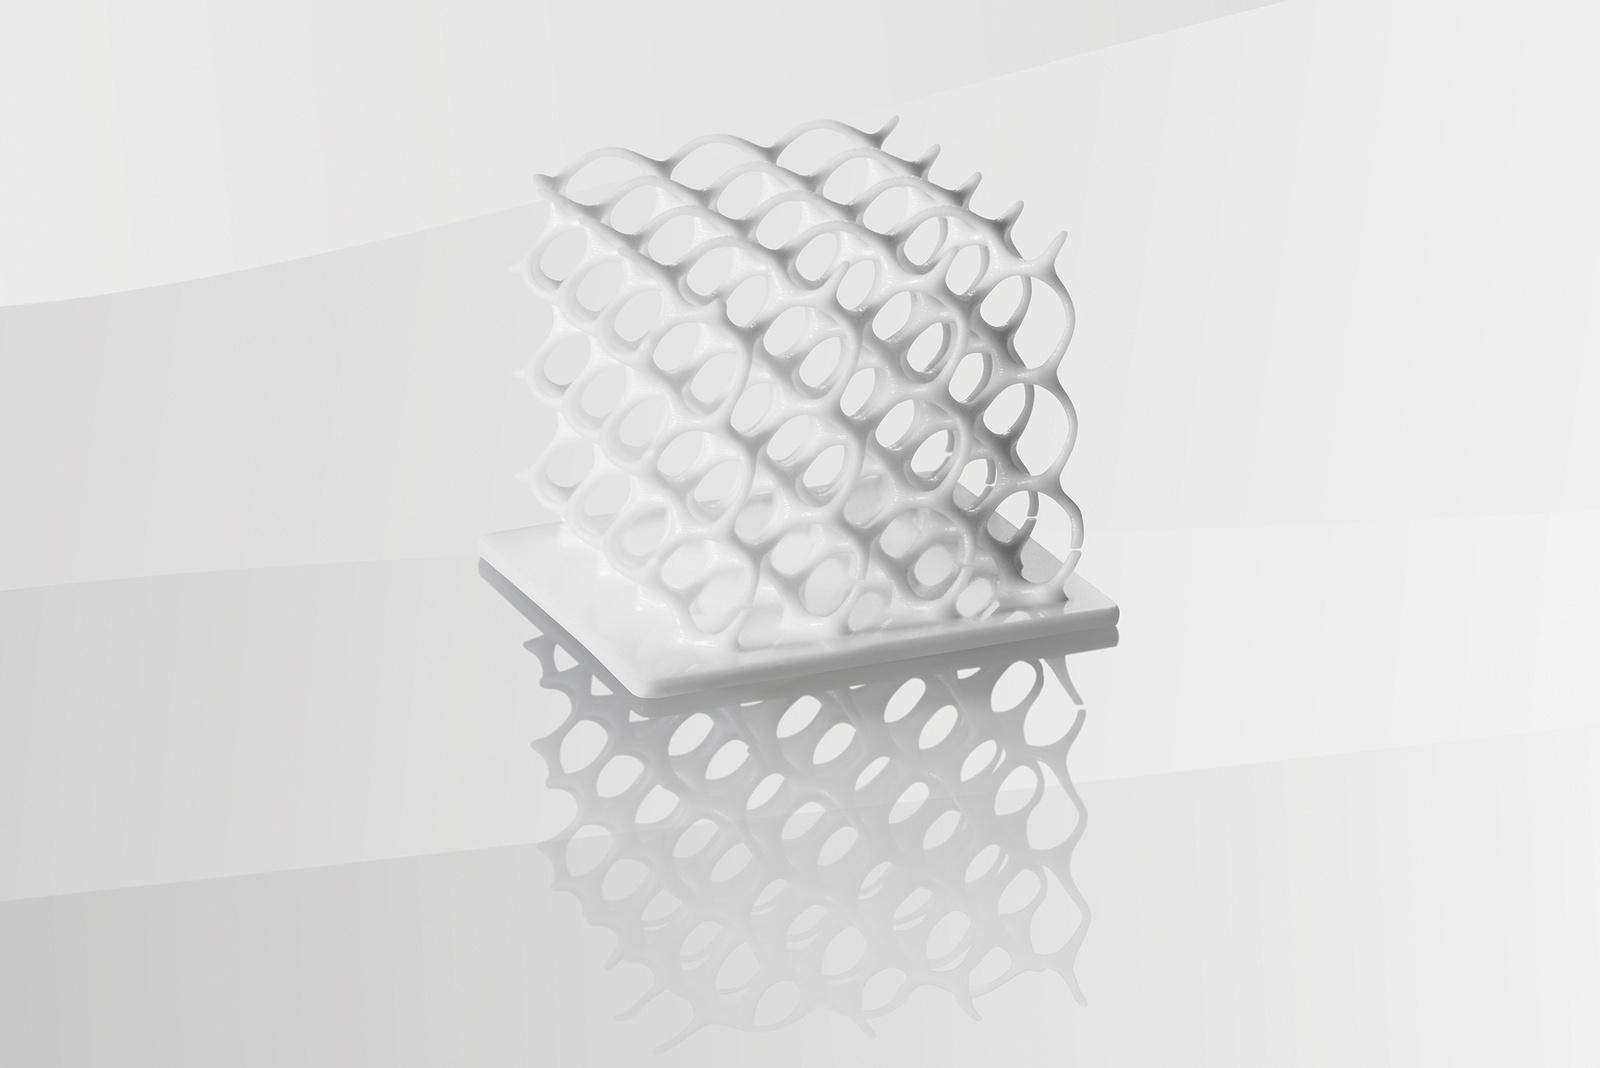 Neue Technologien wie das 3D-Druck-Verfahren ermöglichen die exakte Produktion hochkomplexer Keramik-Funktionsbauteile.